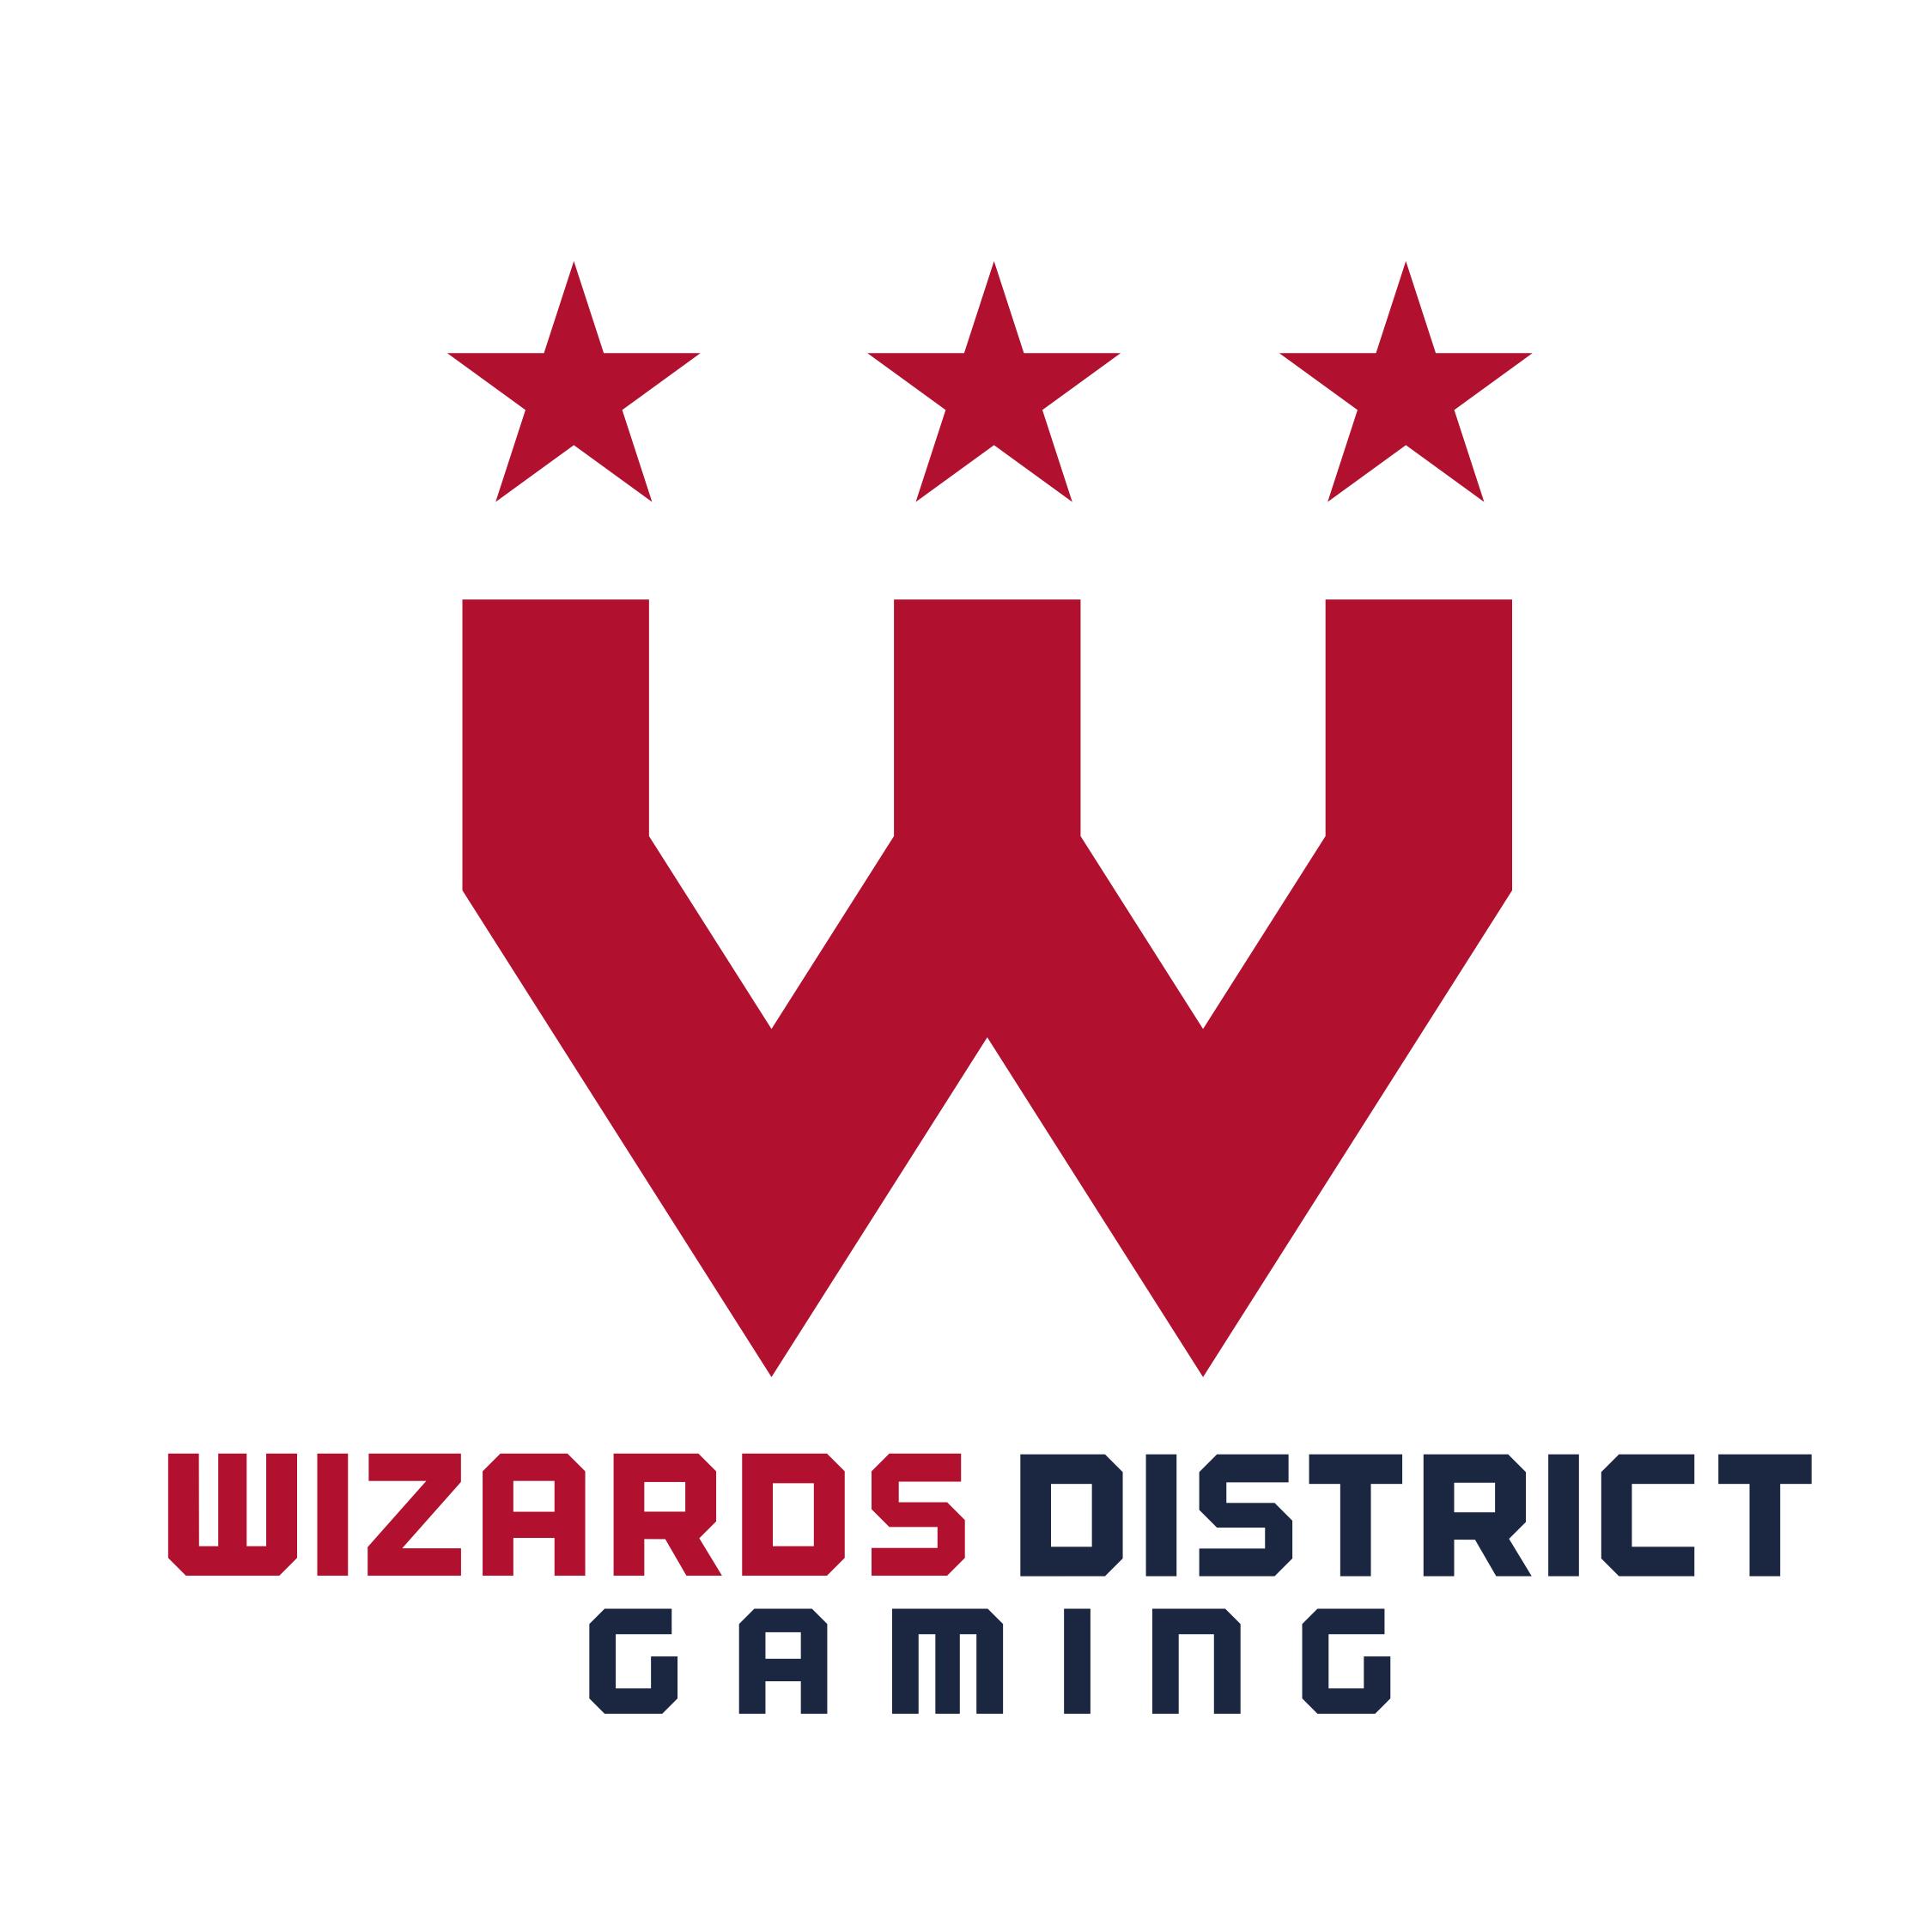 Washington District Gaming